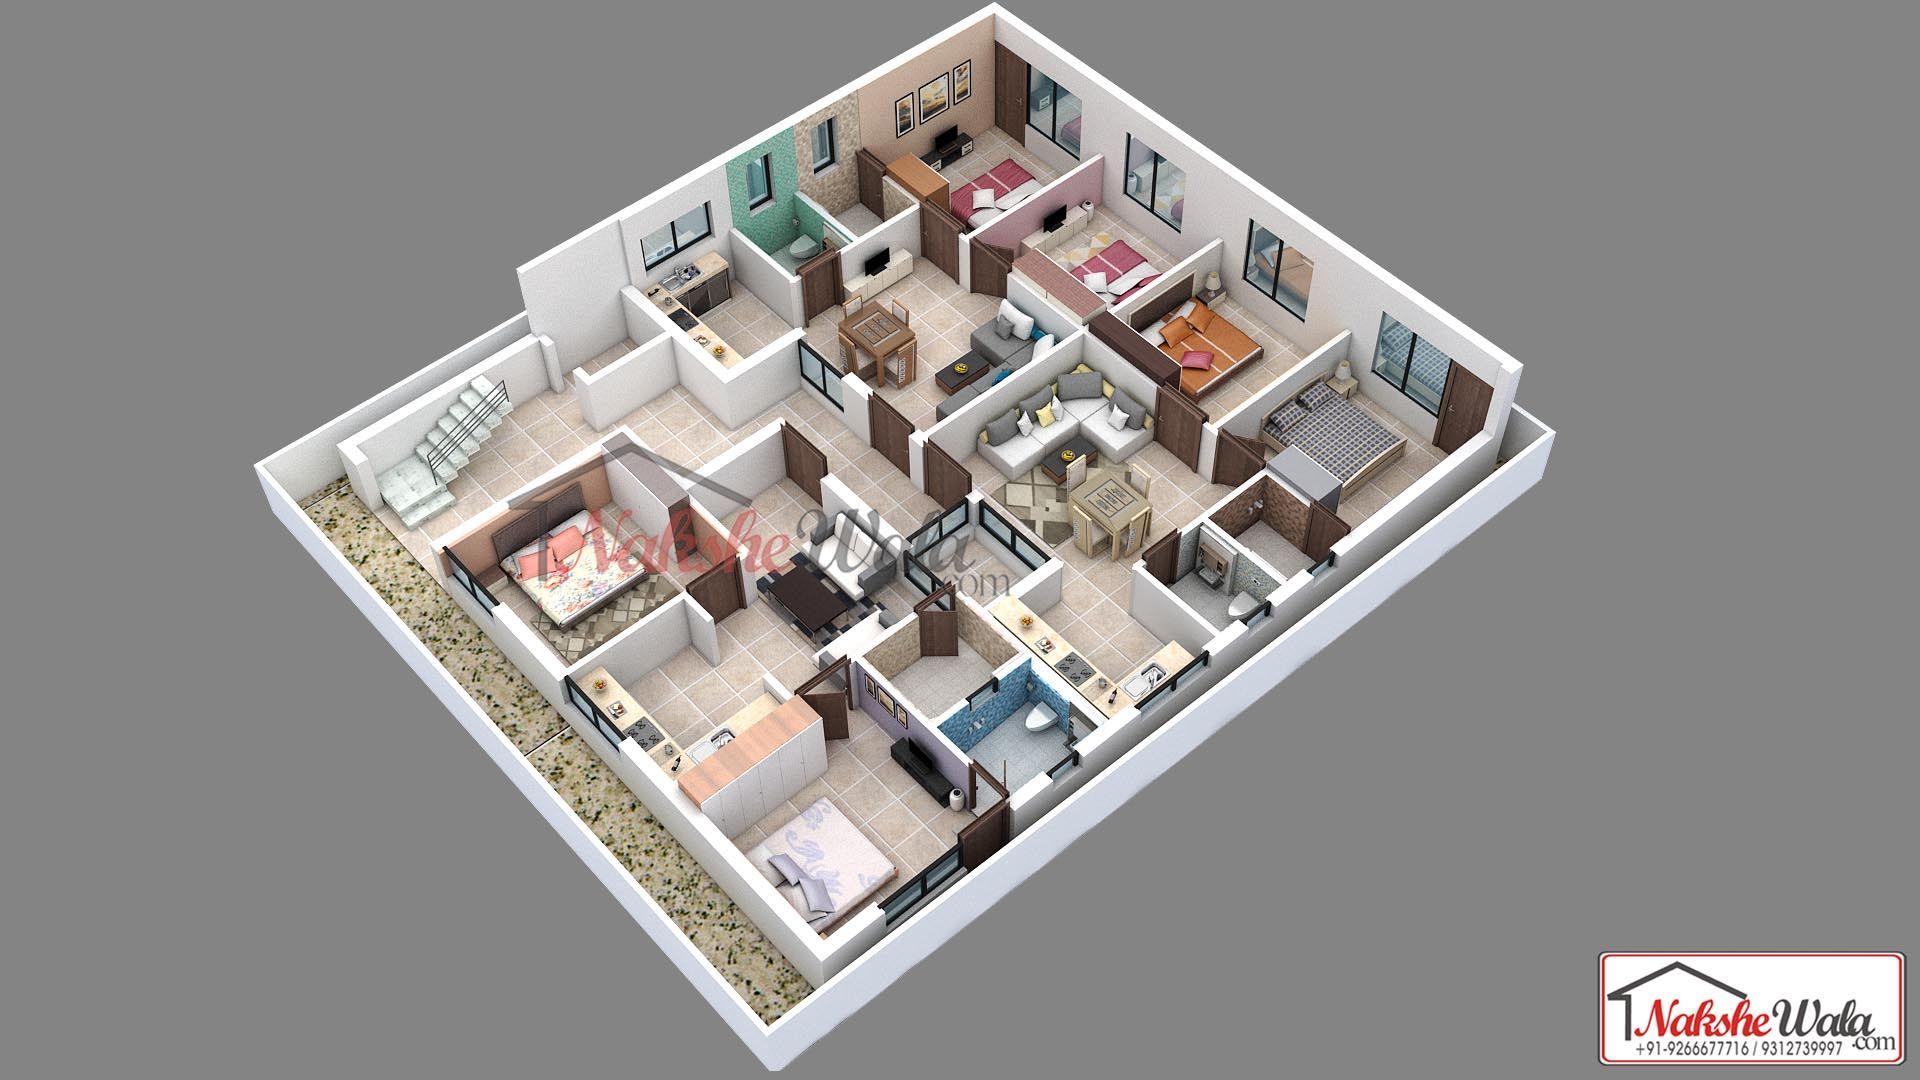 5 Bhk Flats 3d Floor Plan Home Design Plans Floor Plan Design Floor Plan Layout